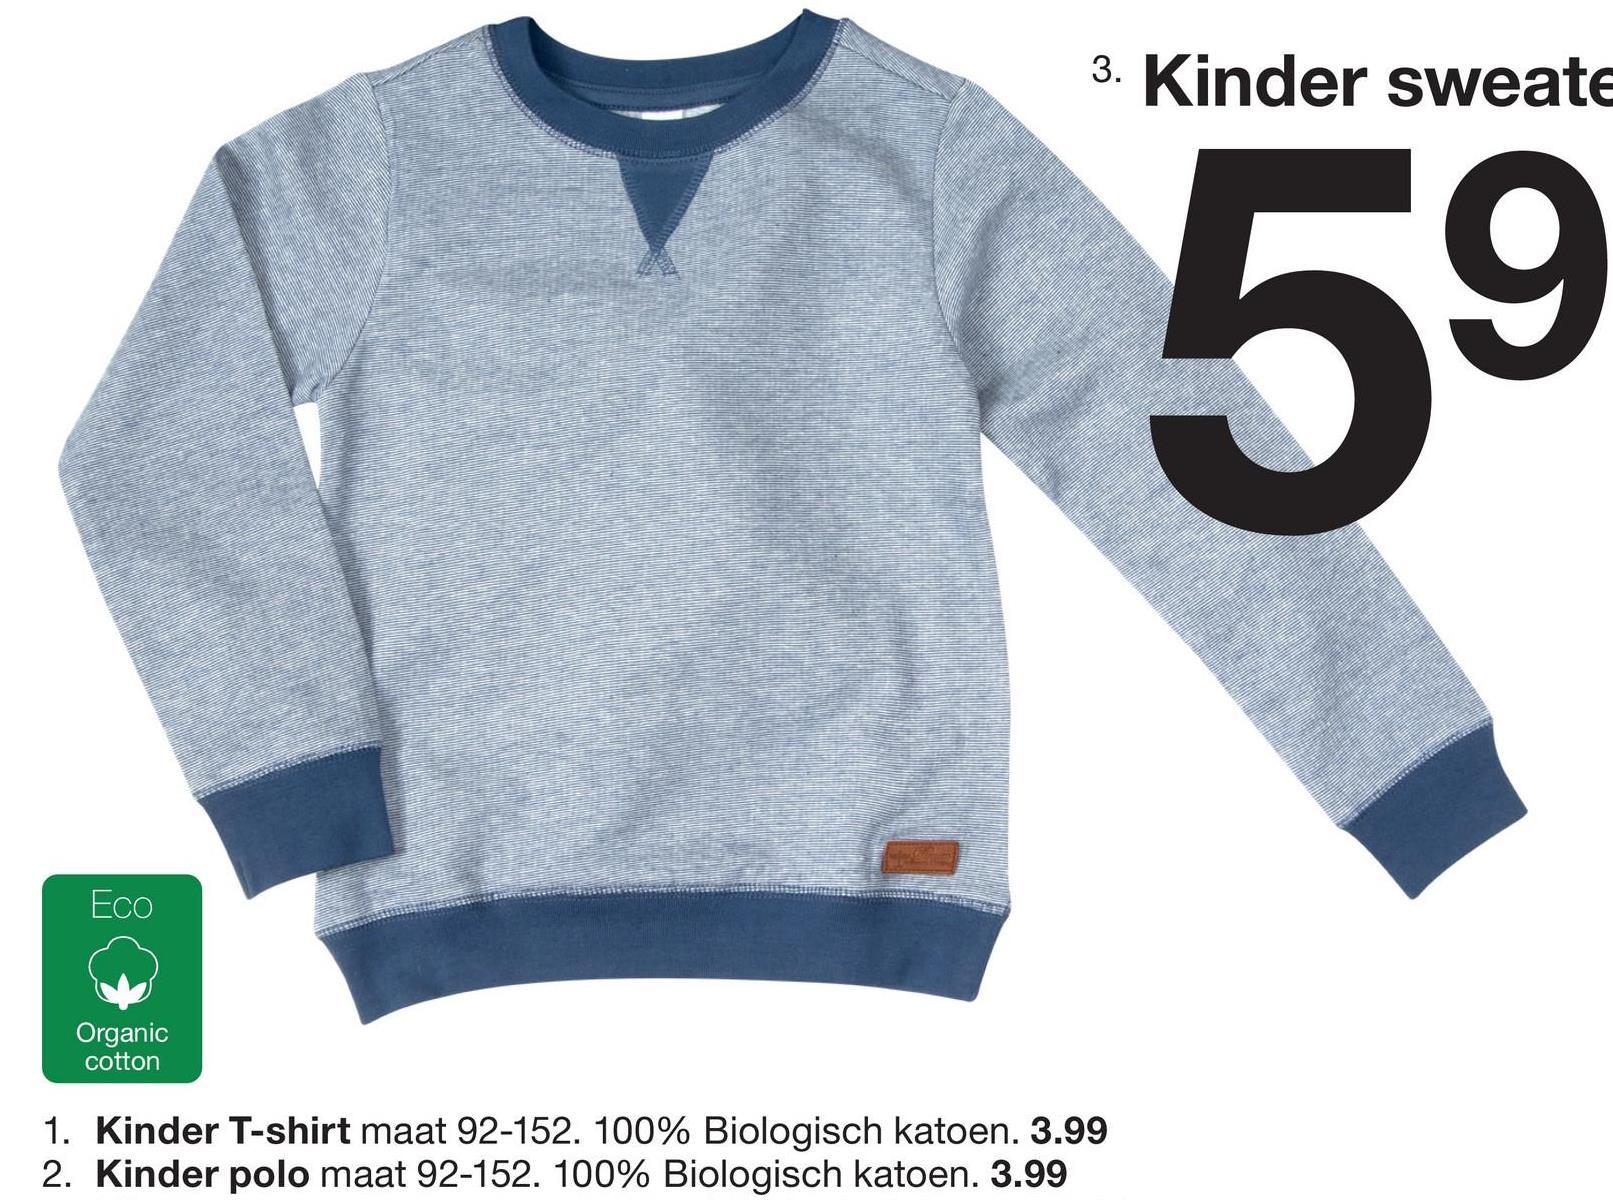 3. Kinder sweate ECO Organic cotton 1. Kinder T-shirt maat 92-152. 100% Biologisch katoen. 3.99 2. Kinder polo maat 92-152. 100% Biologisch katoen. 3.99